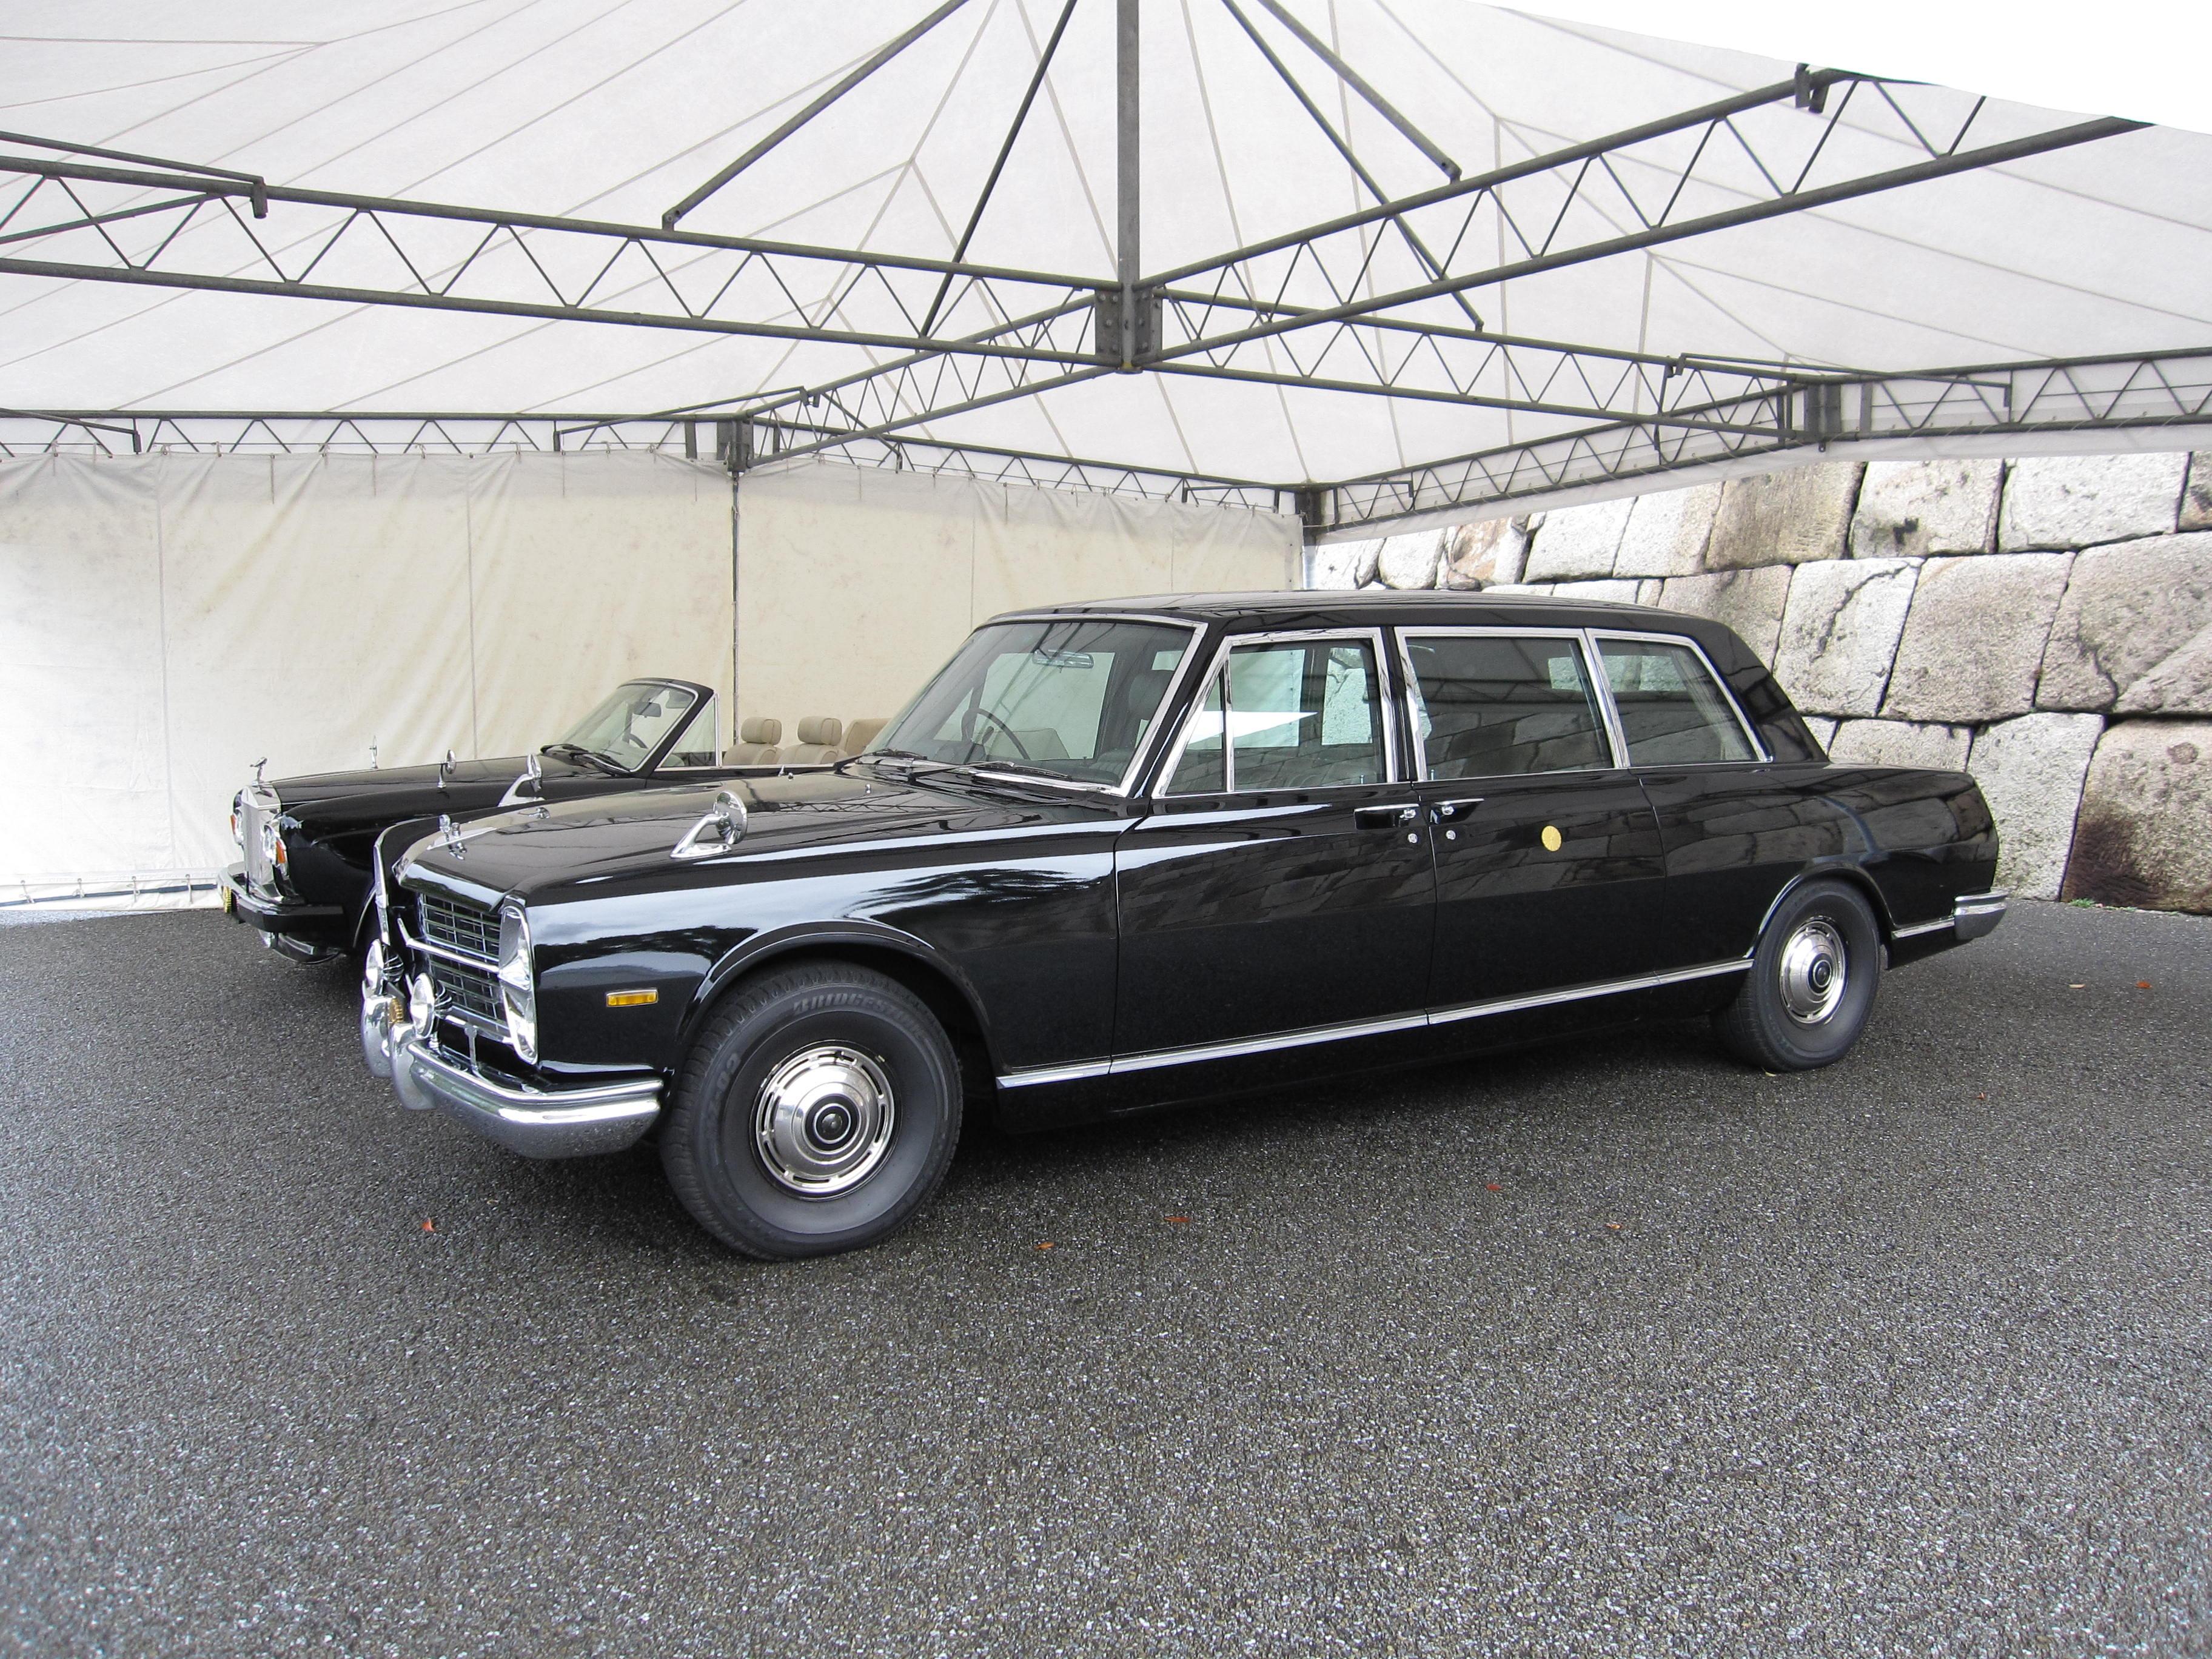 Nissan Altima Wiki >> Nissan prince royal limousine